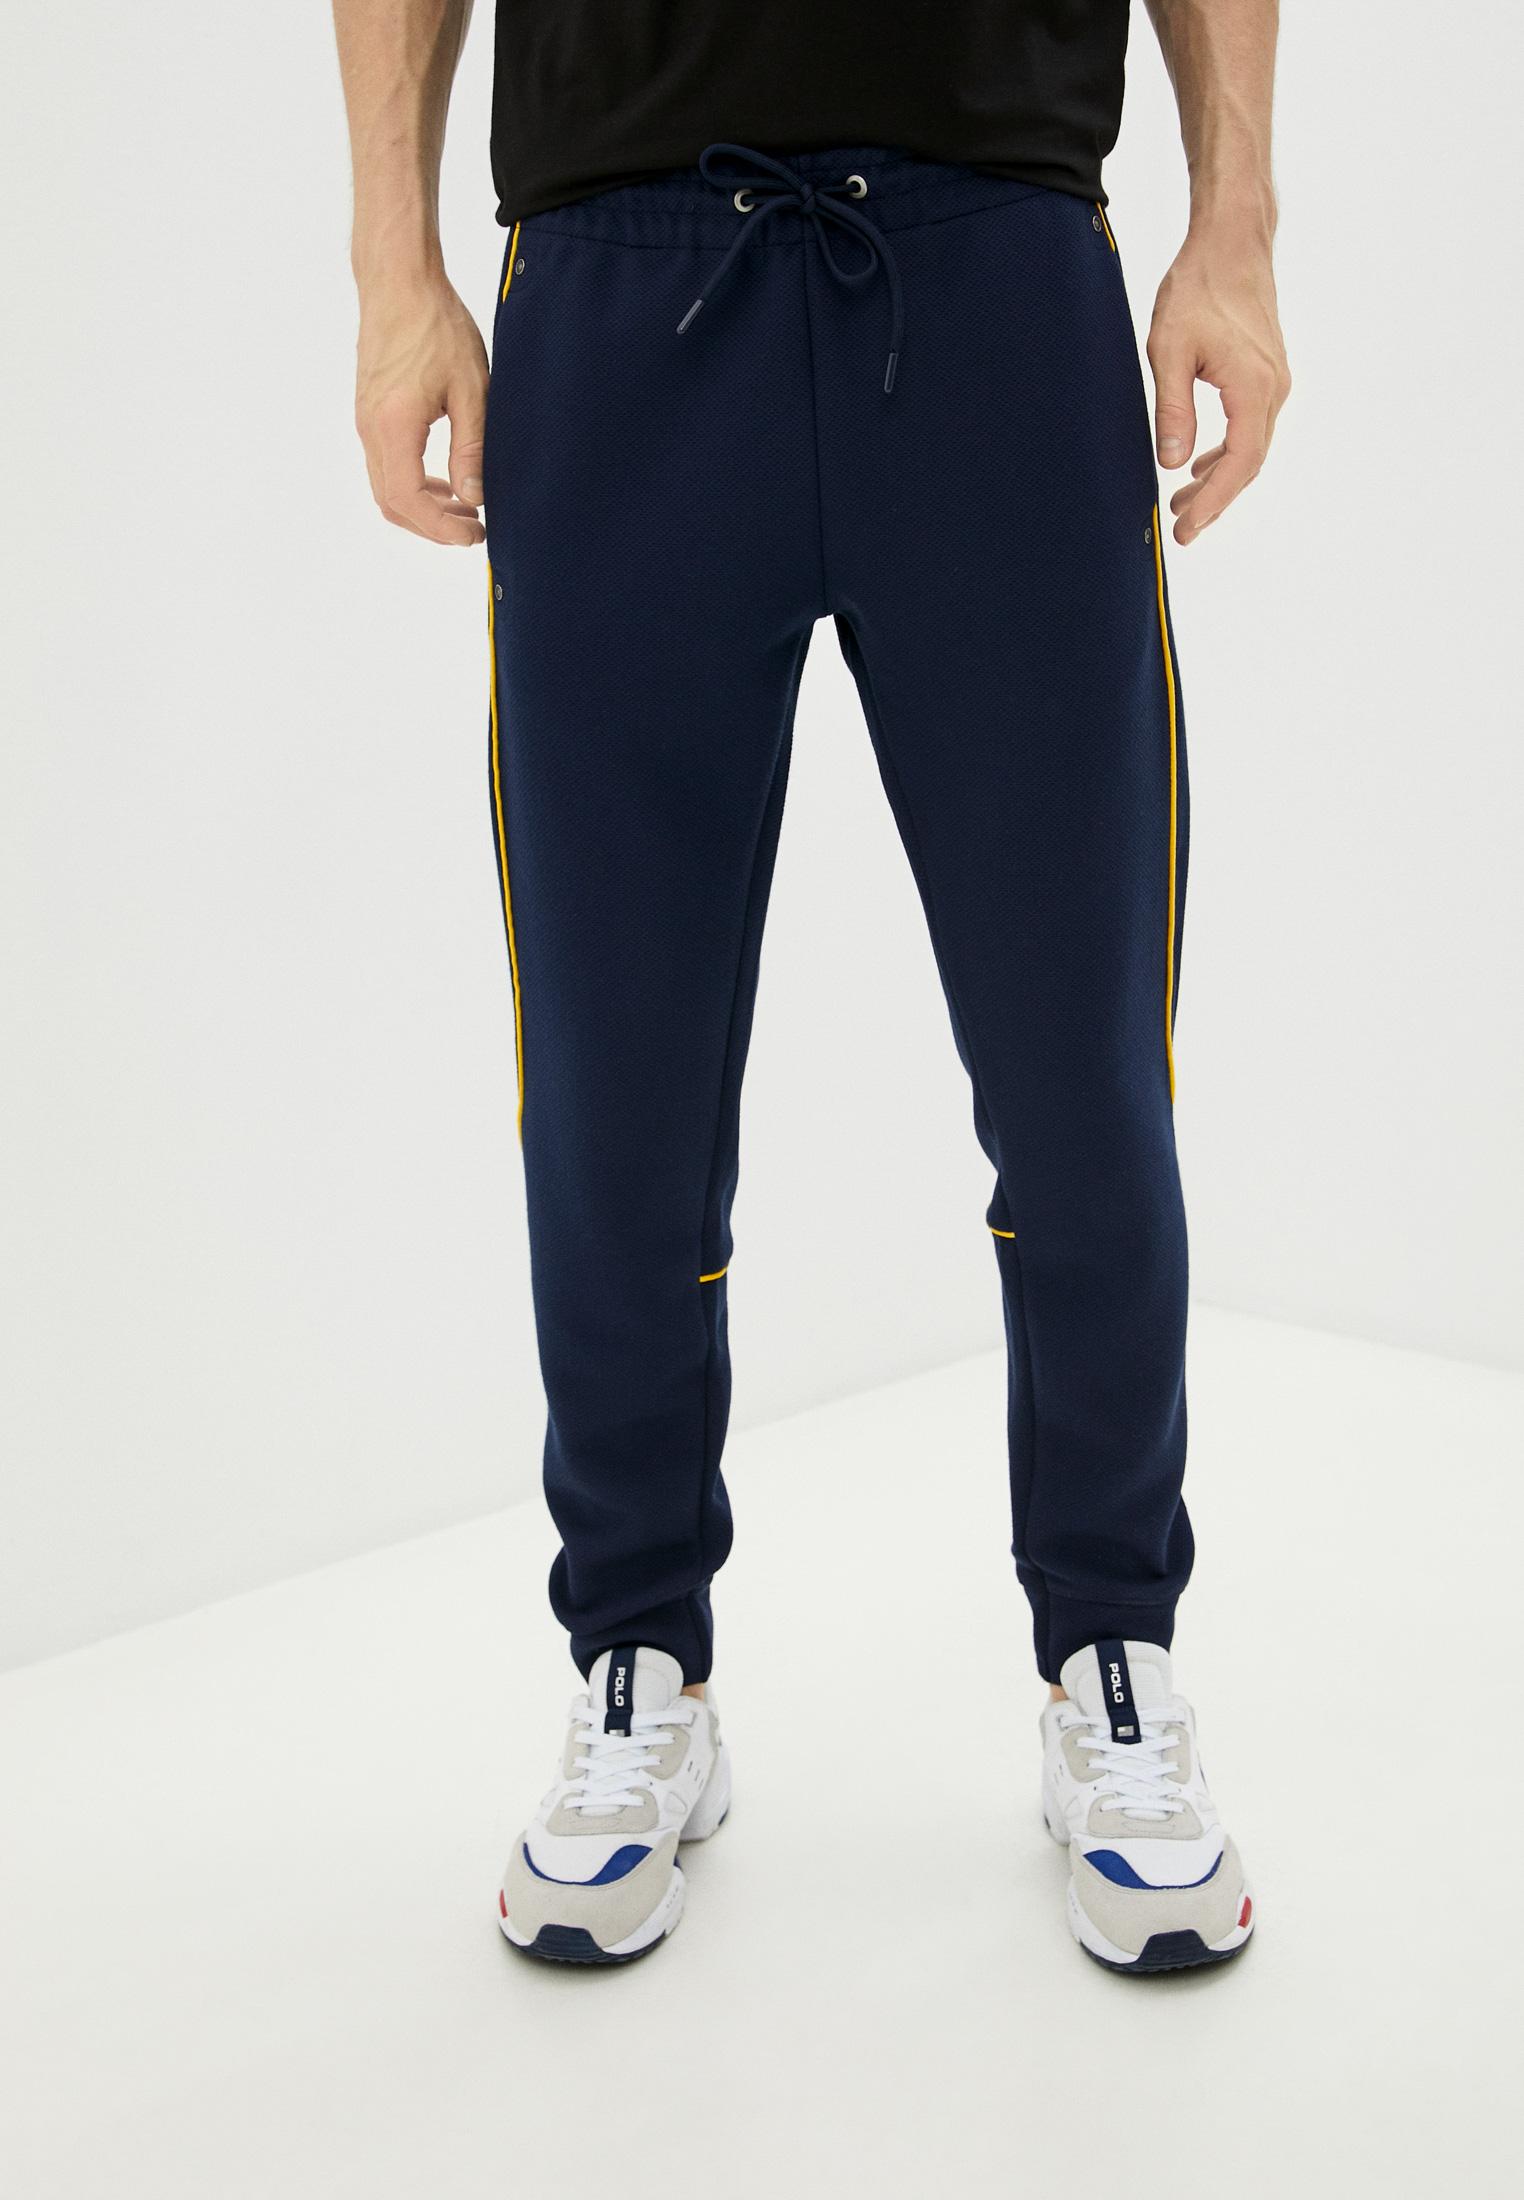 Мужские спортивные брюки Bikkembergs (Биккембергс) C 1 193 80 M 4299: изображение 1